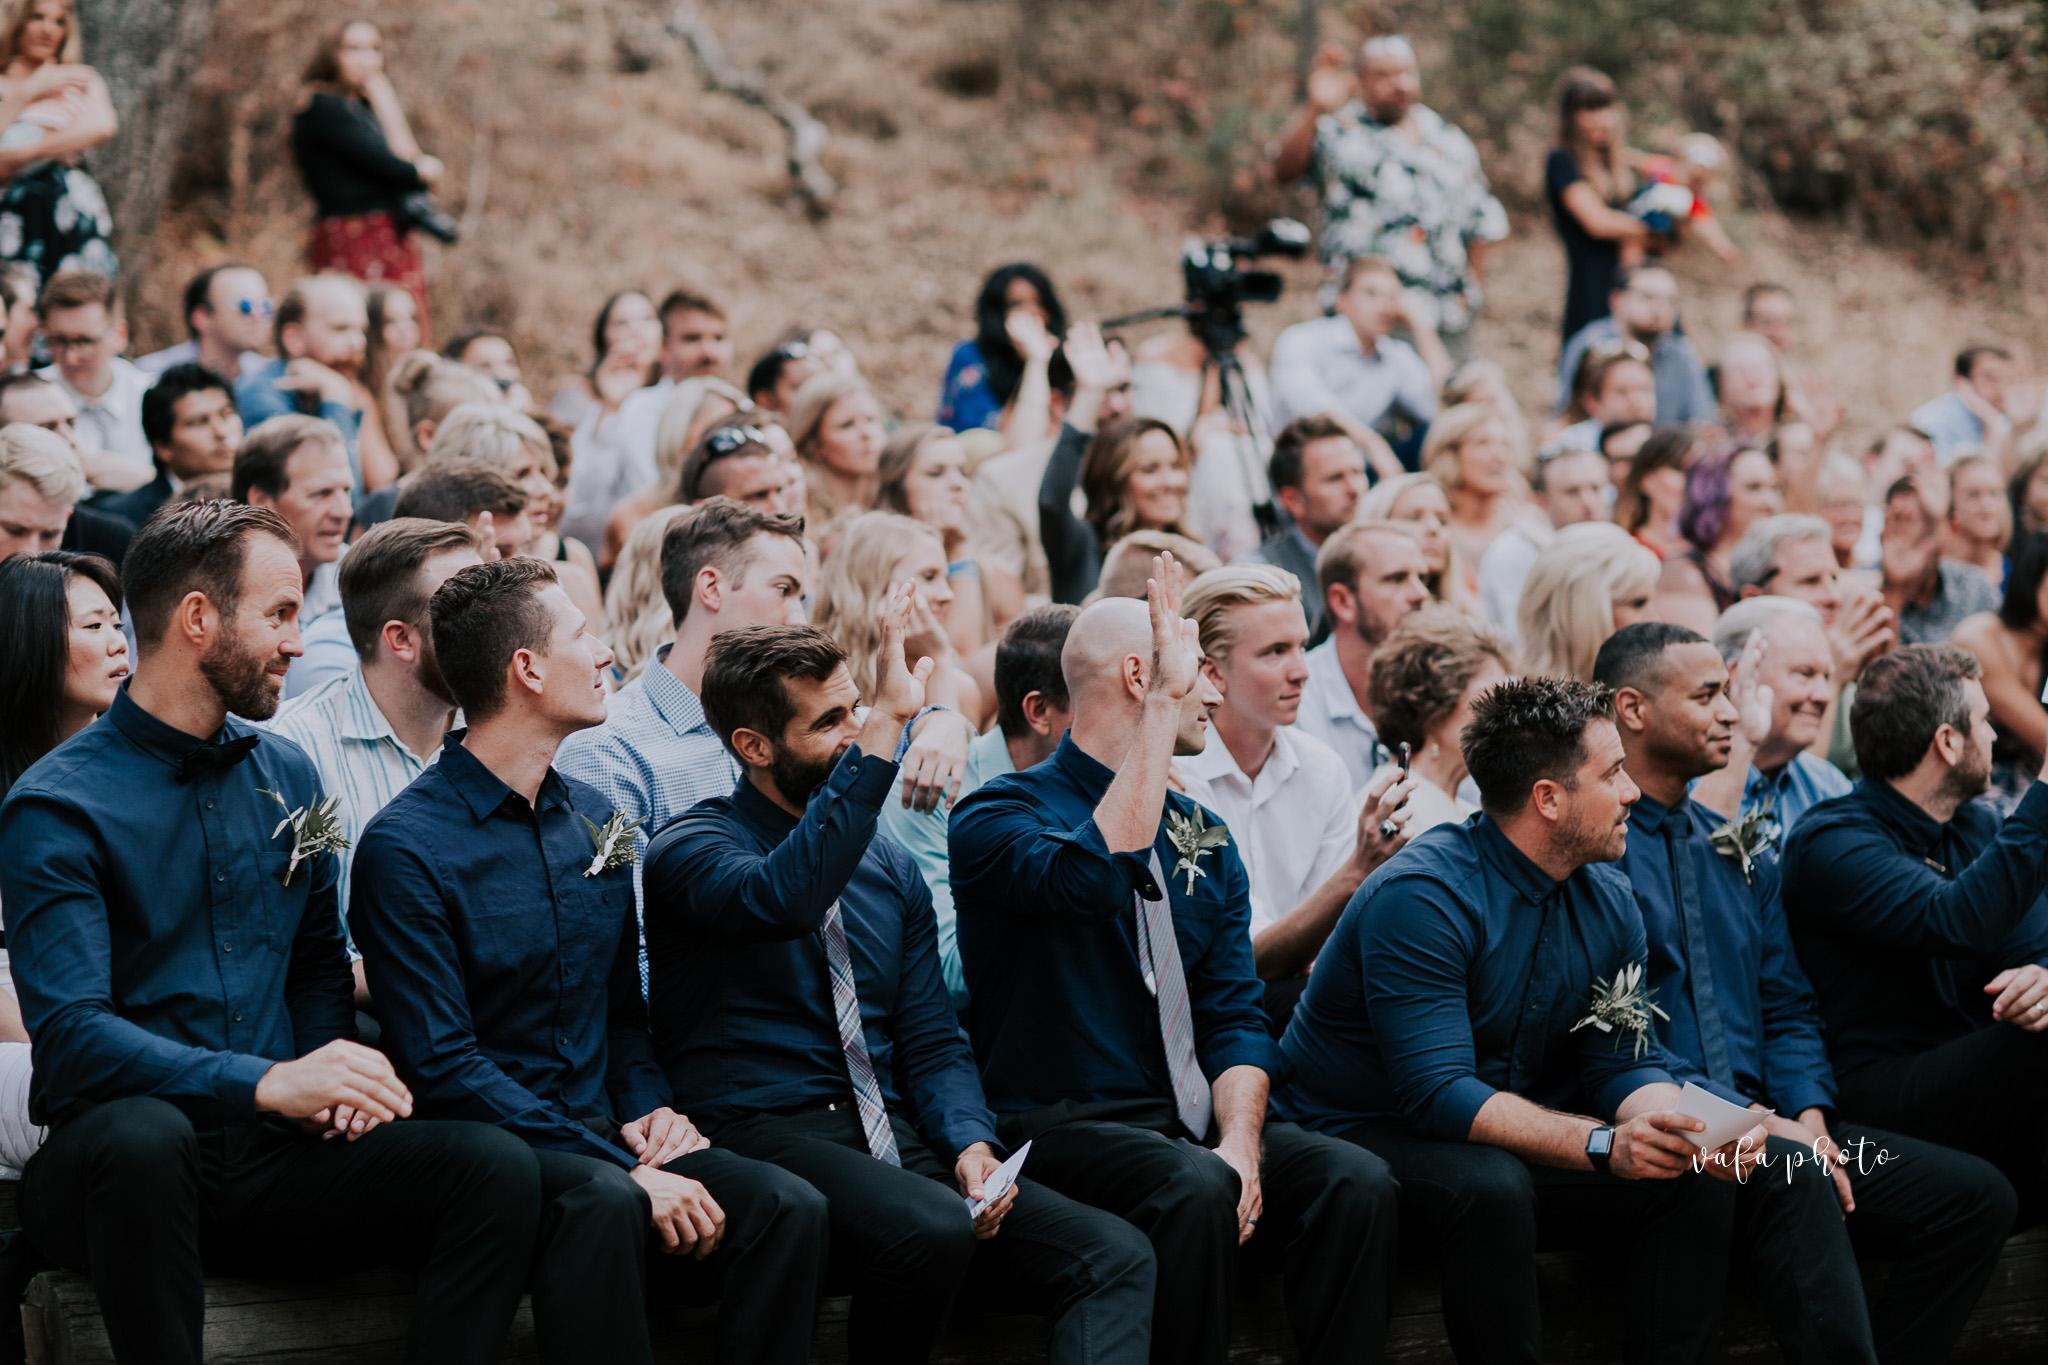 Southern-California-Wedding-Britt-Nilsson-Jeremy-Byrne-Vafa-Photo-439.jpg